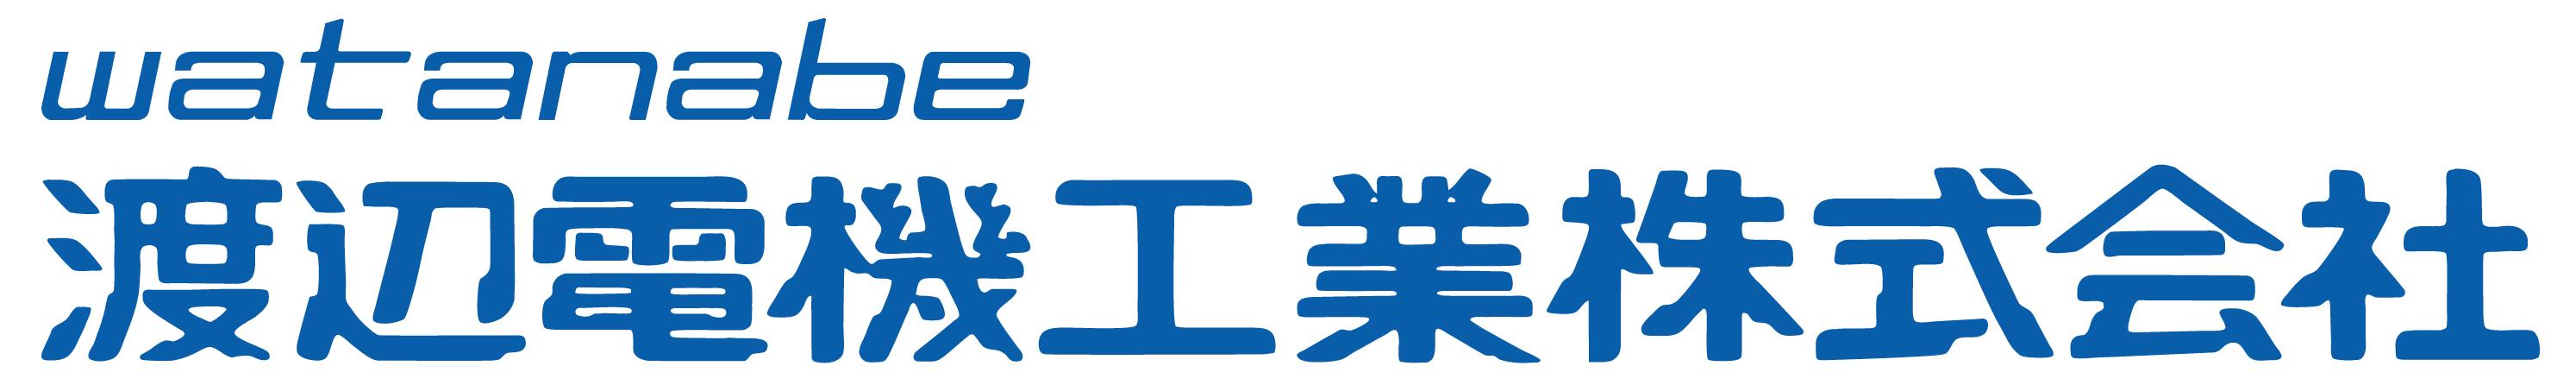 渡邊電機工業株式會社